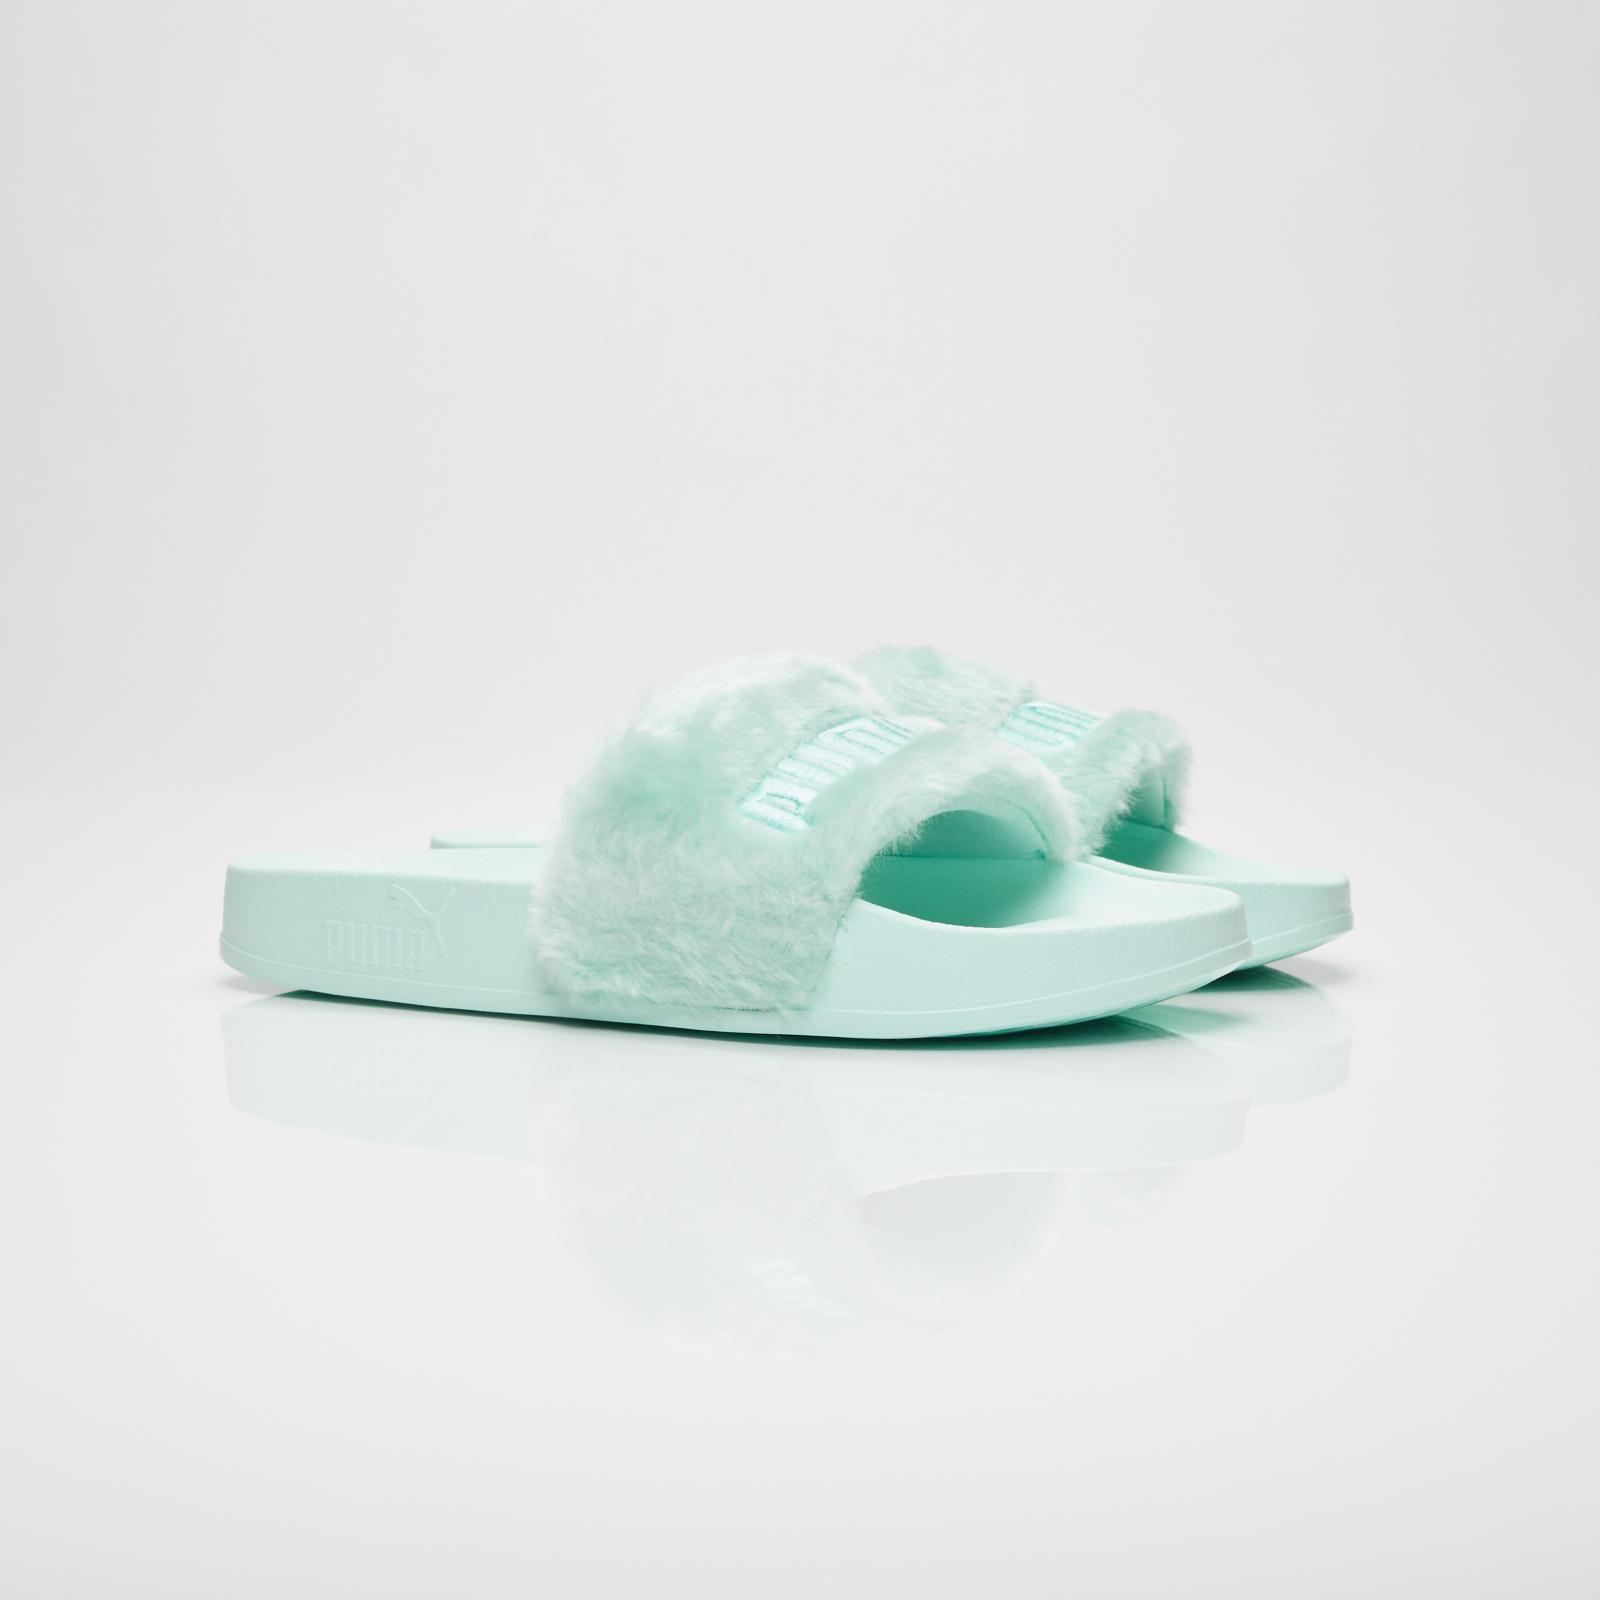 2fb88b7f04a1 Puma Fur Slides - 365772-01 - Sneakersnstuff